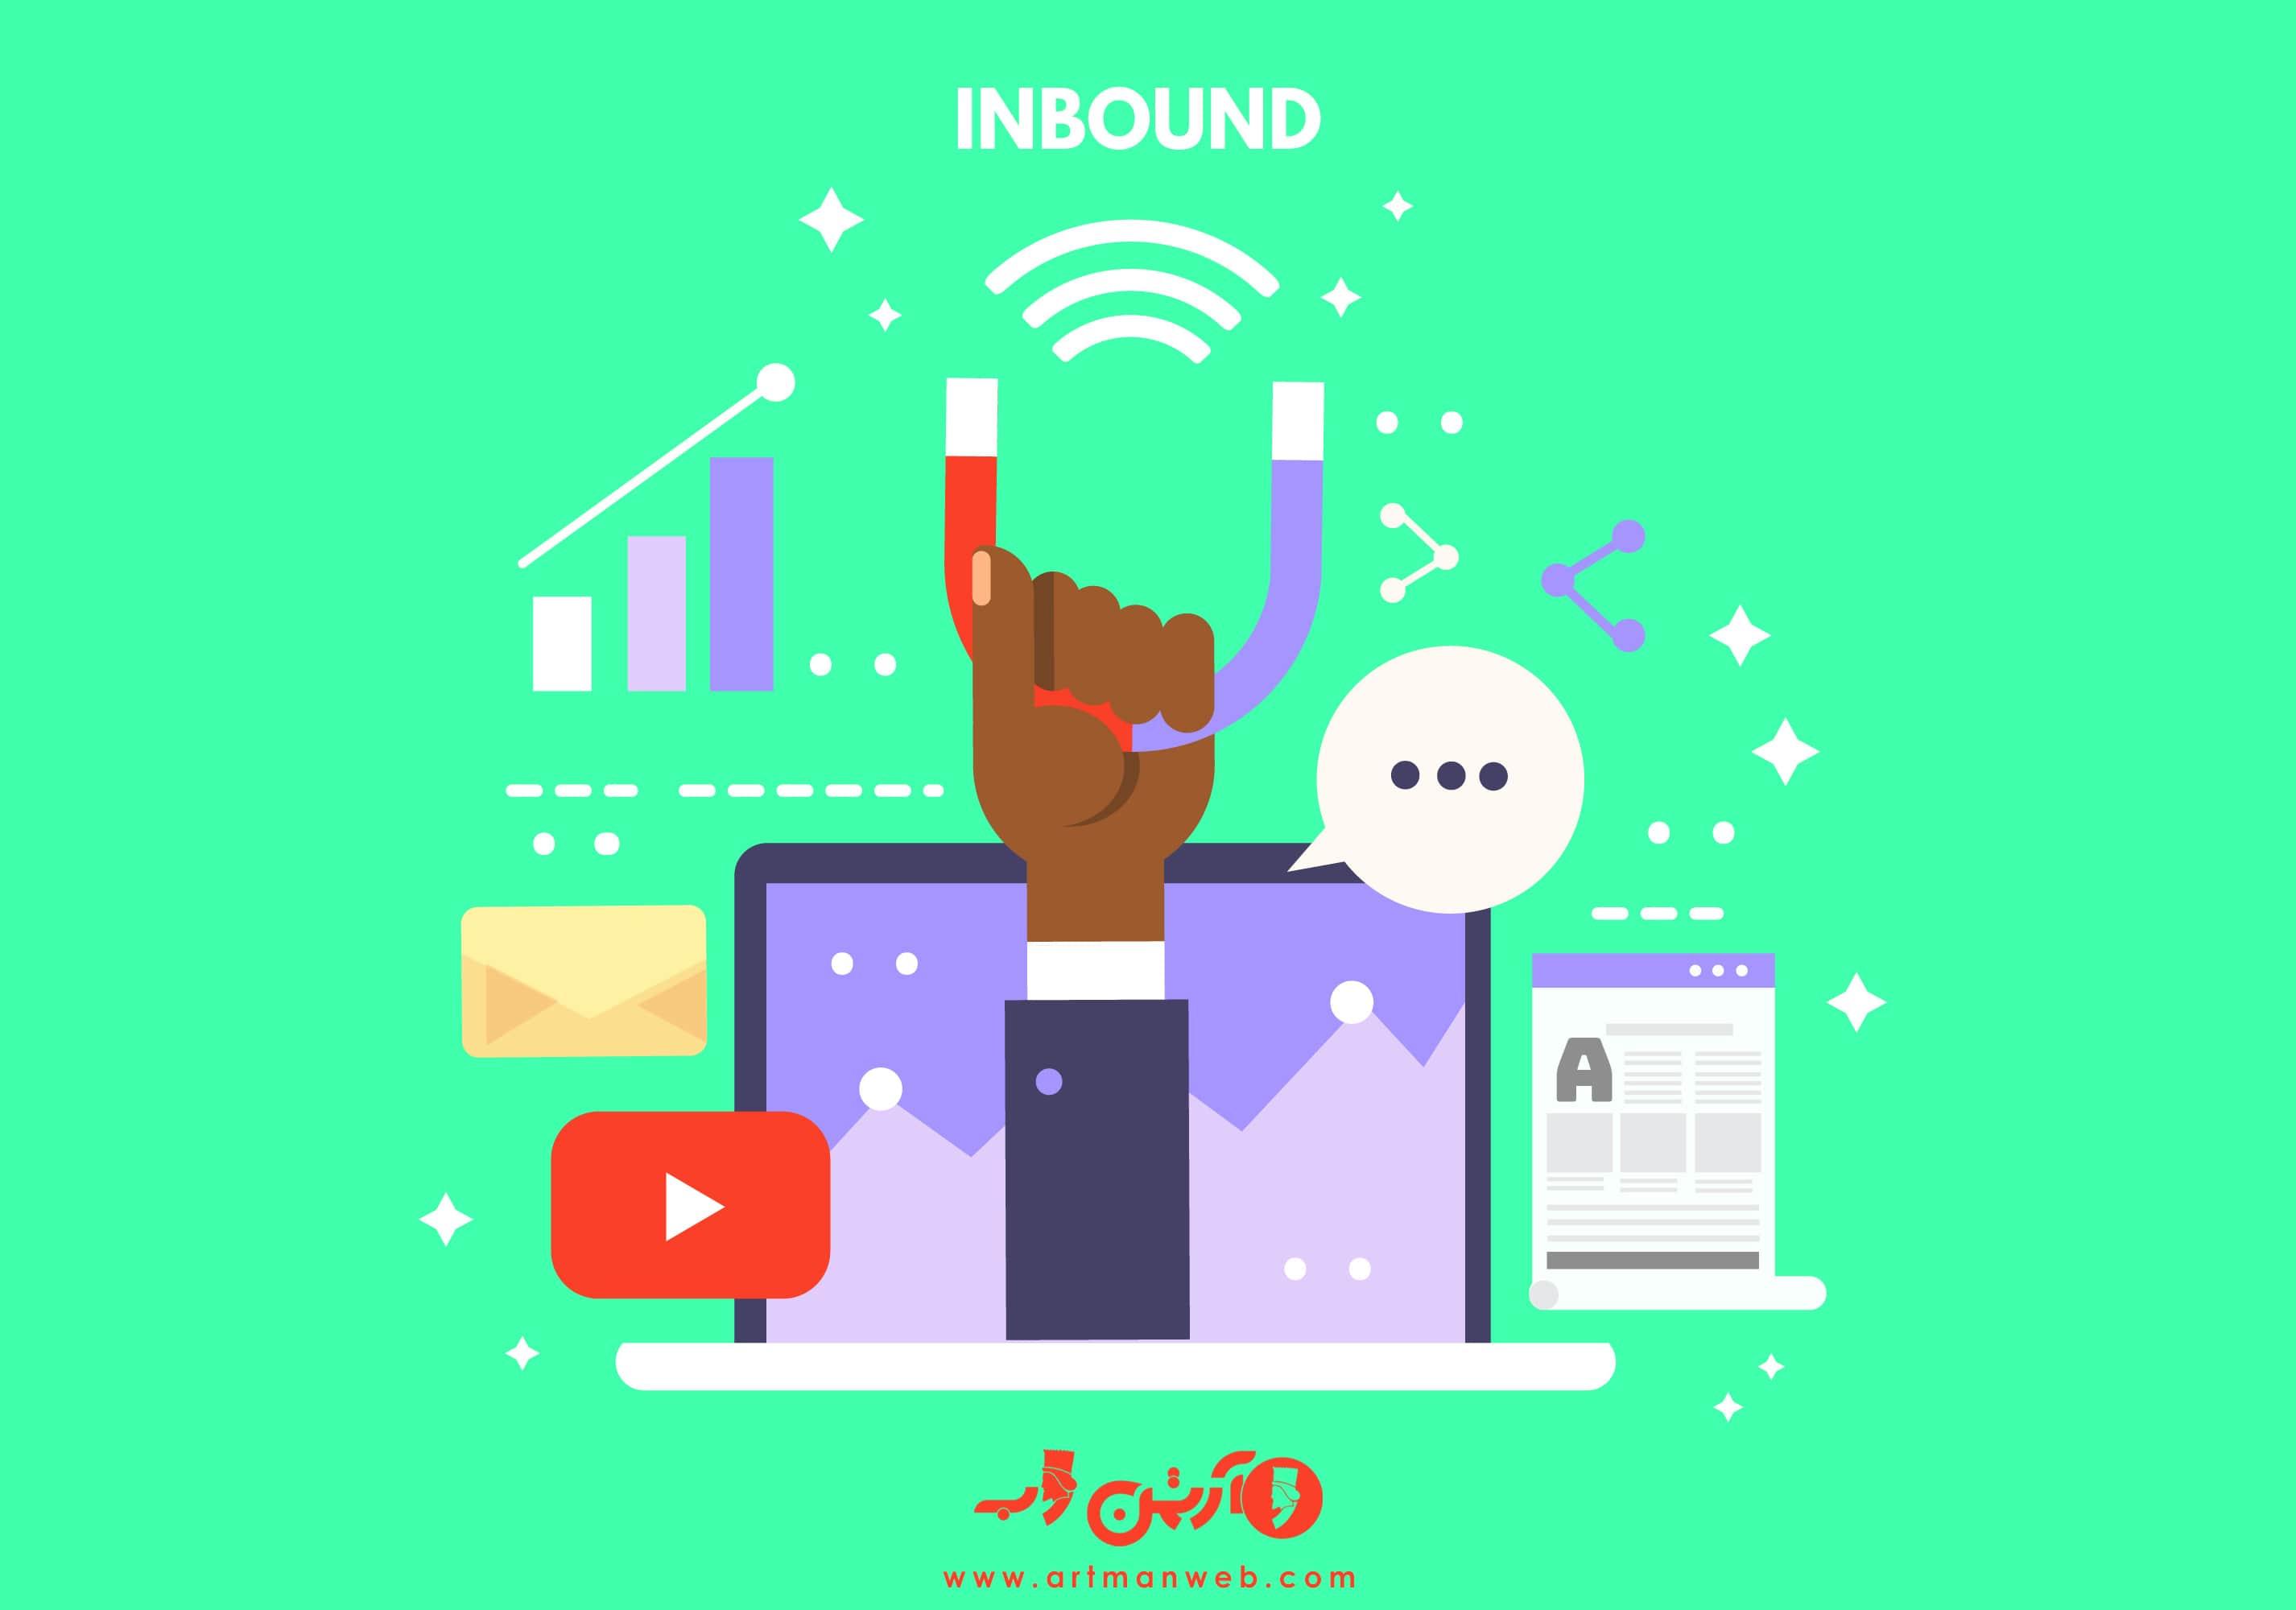 بهتره بگیم بازاریابی درونگرا یا بازاریابی بهینه!؟